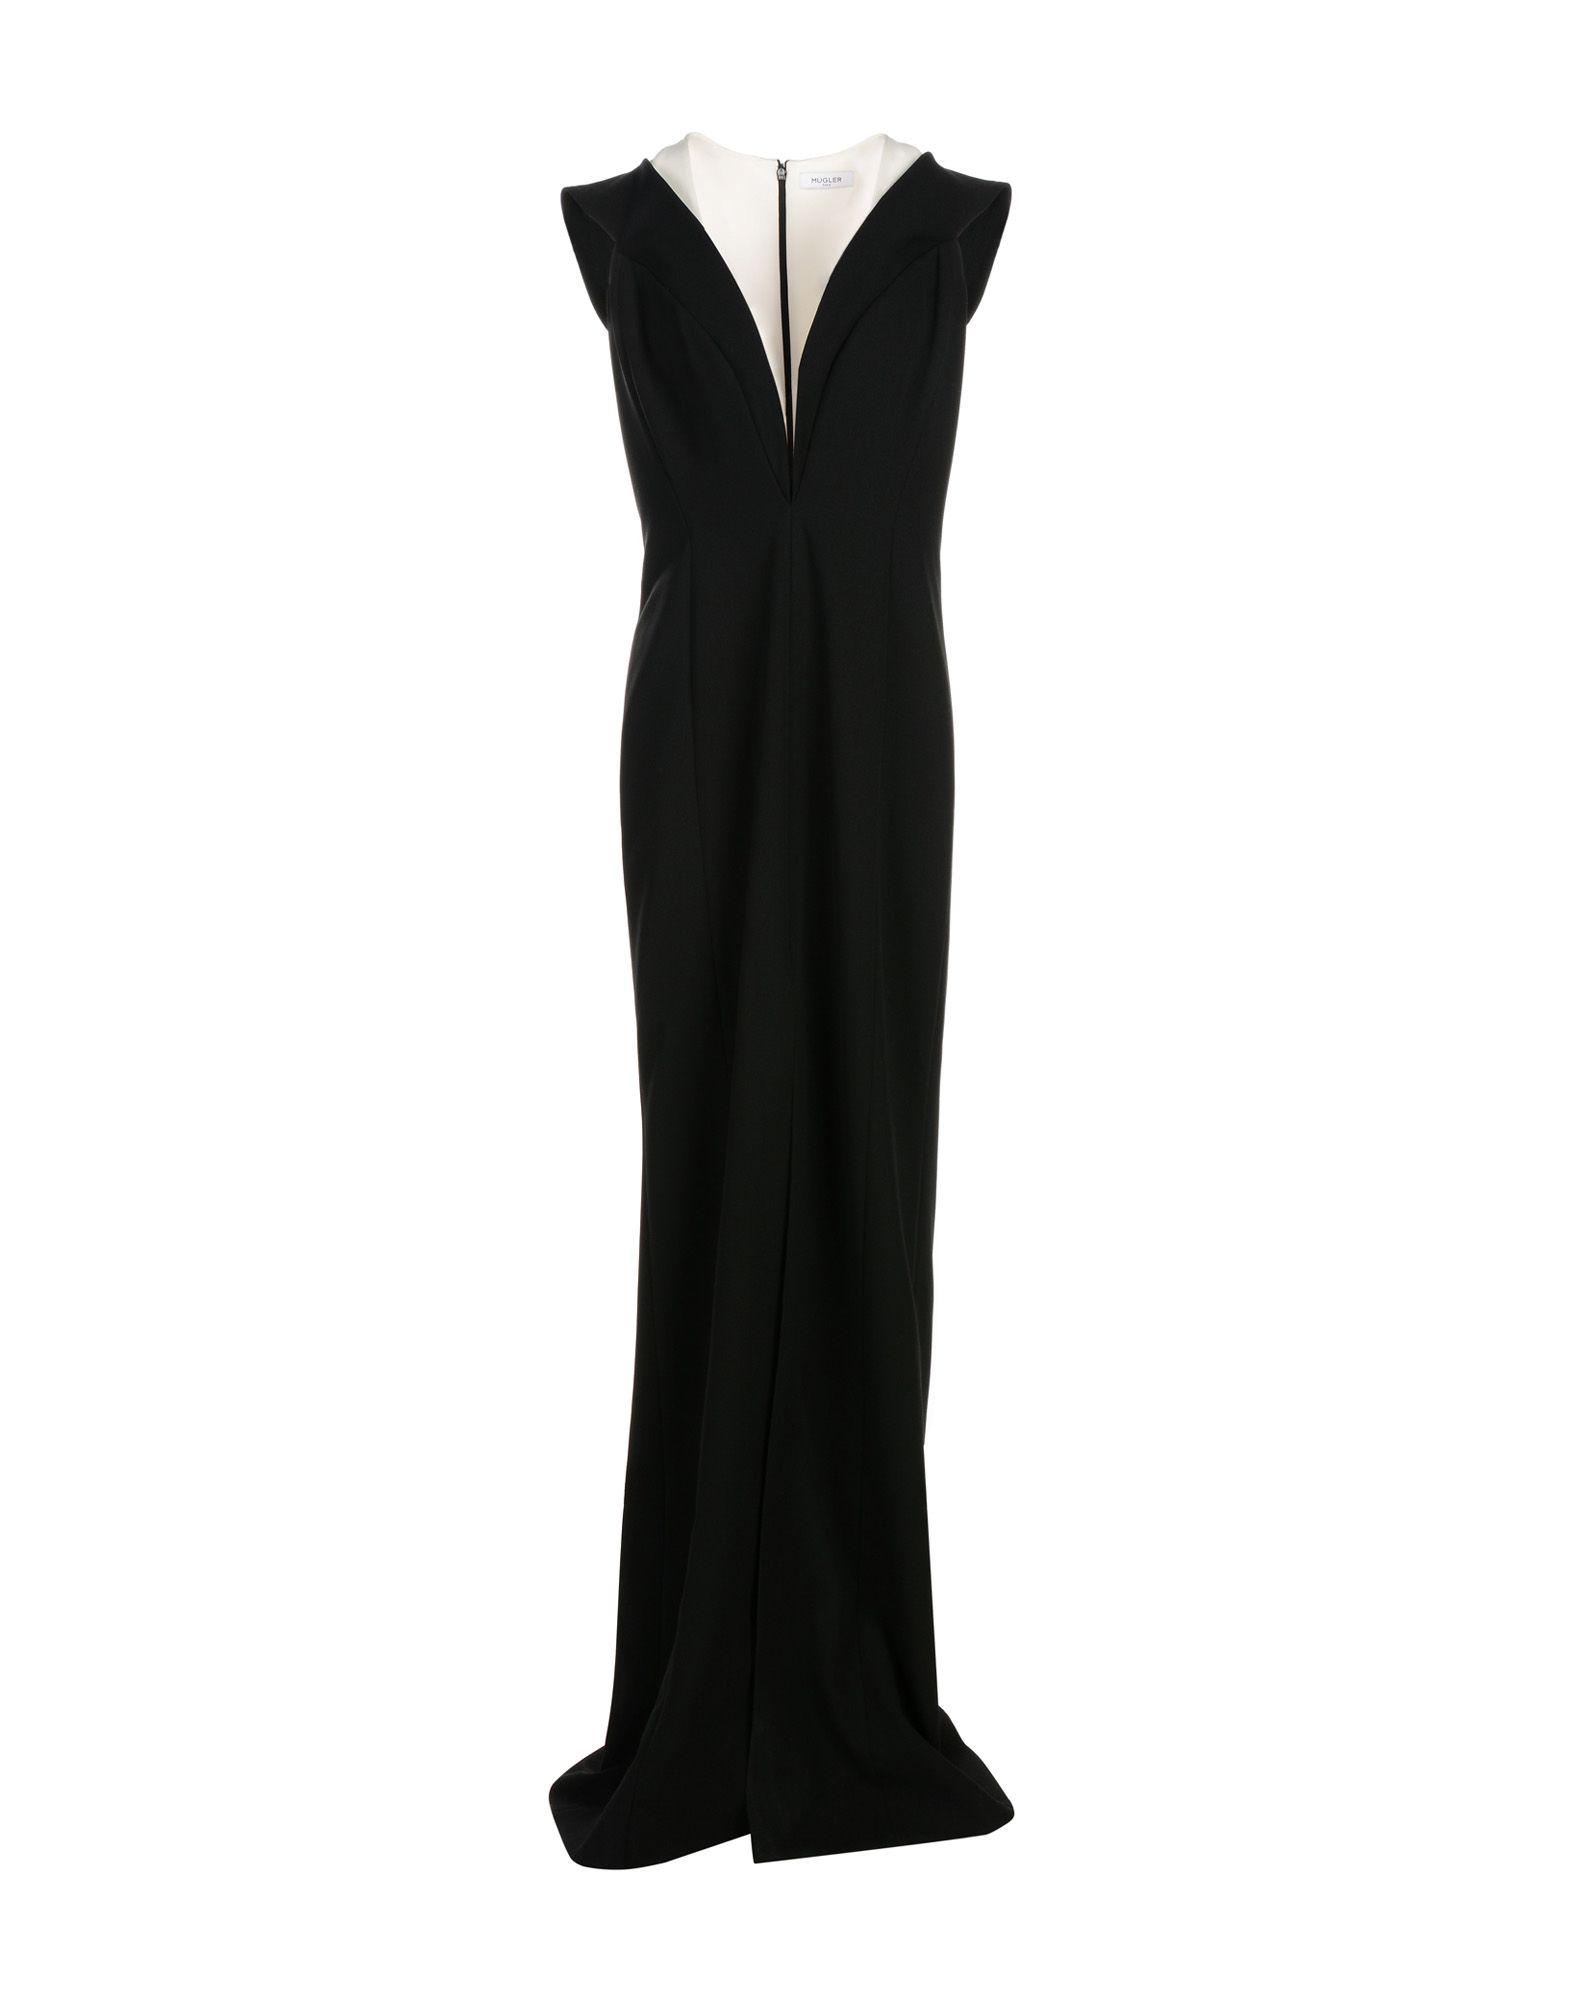 MUGLER Длинное платье платье короткое спереди длинное сзади летнее